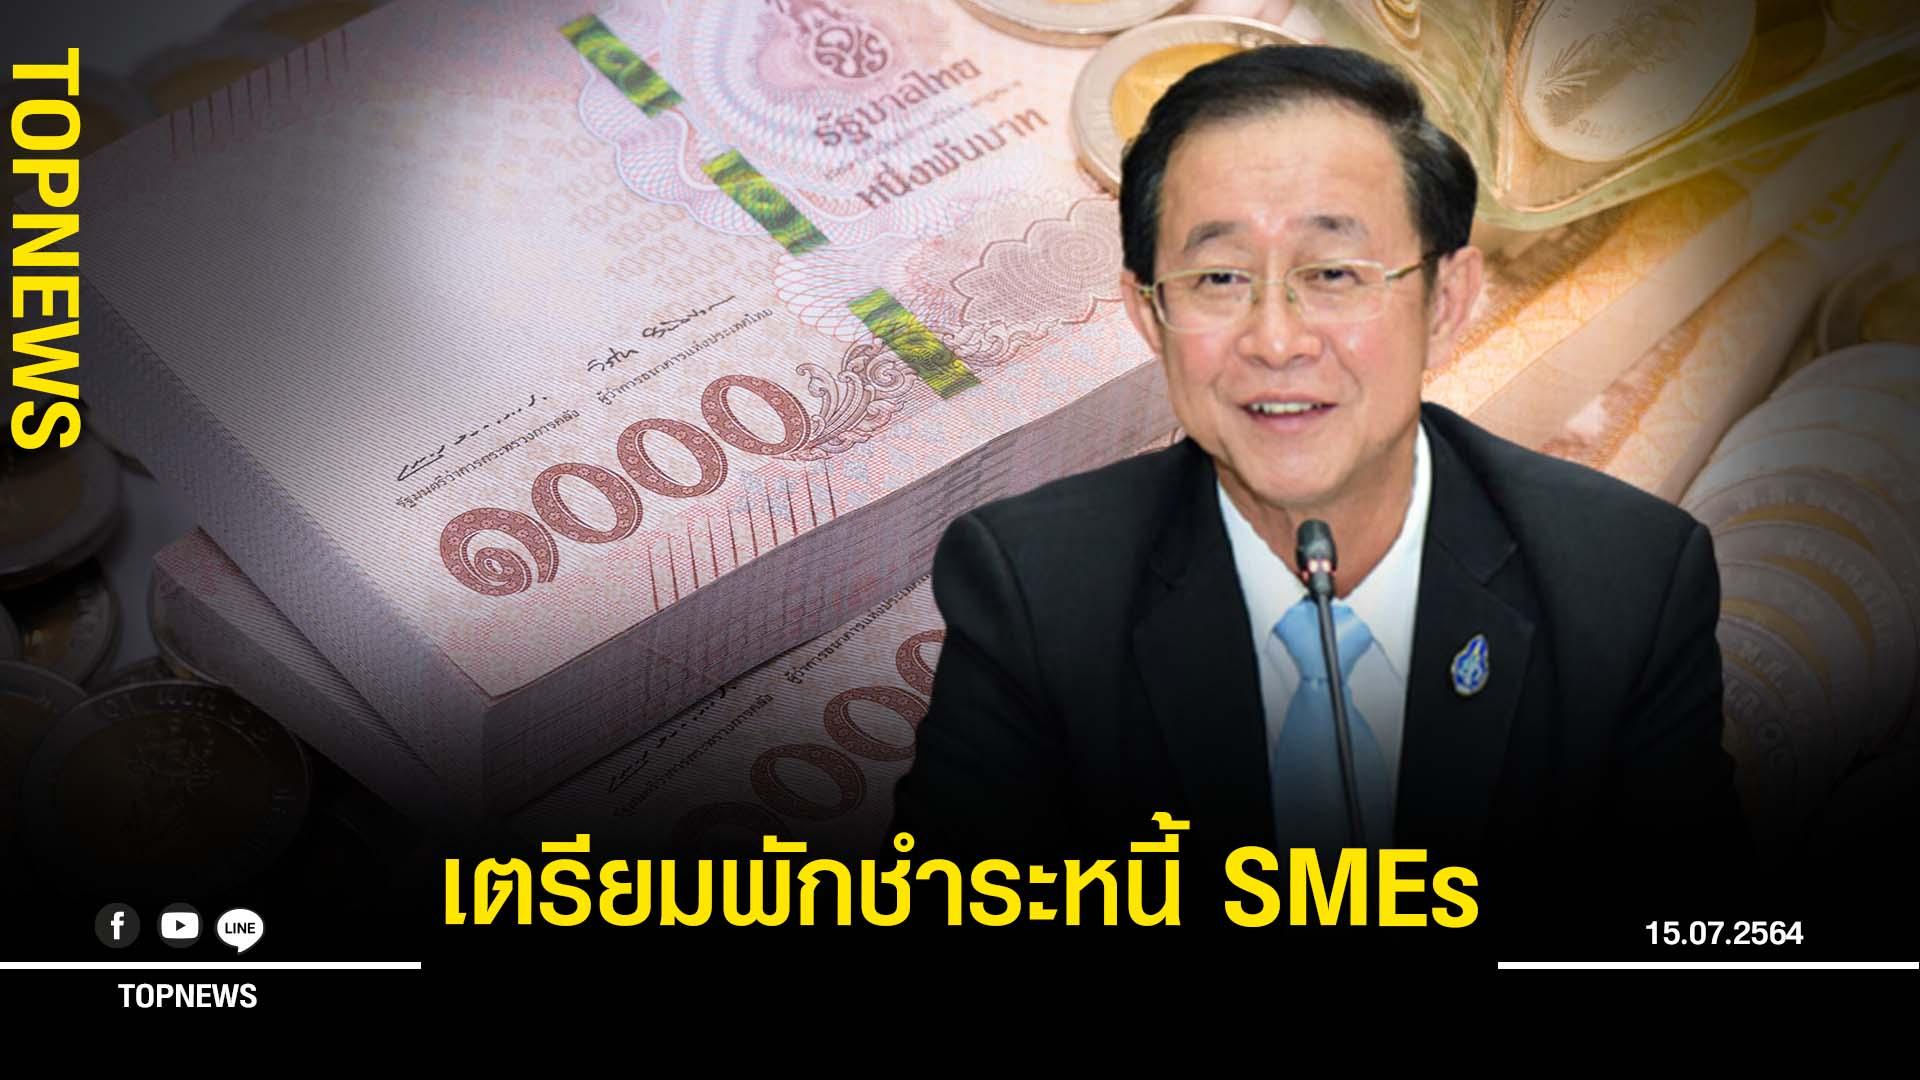 ก.คลัง เห็นชอบ พักชำระเงินต้นและดอกเบี้ย ผู้ประกอบการ SMEs – ลูกหนี้รายย่อย